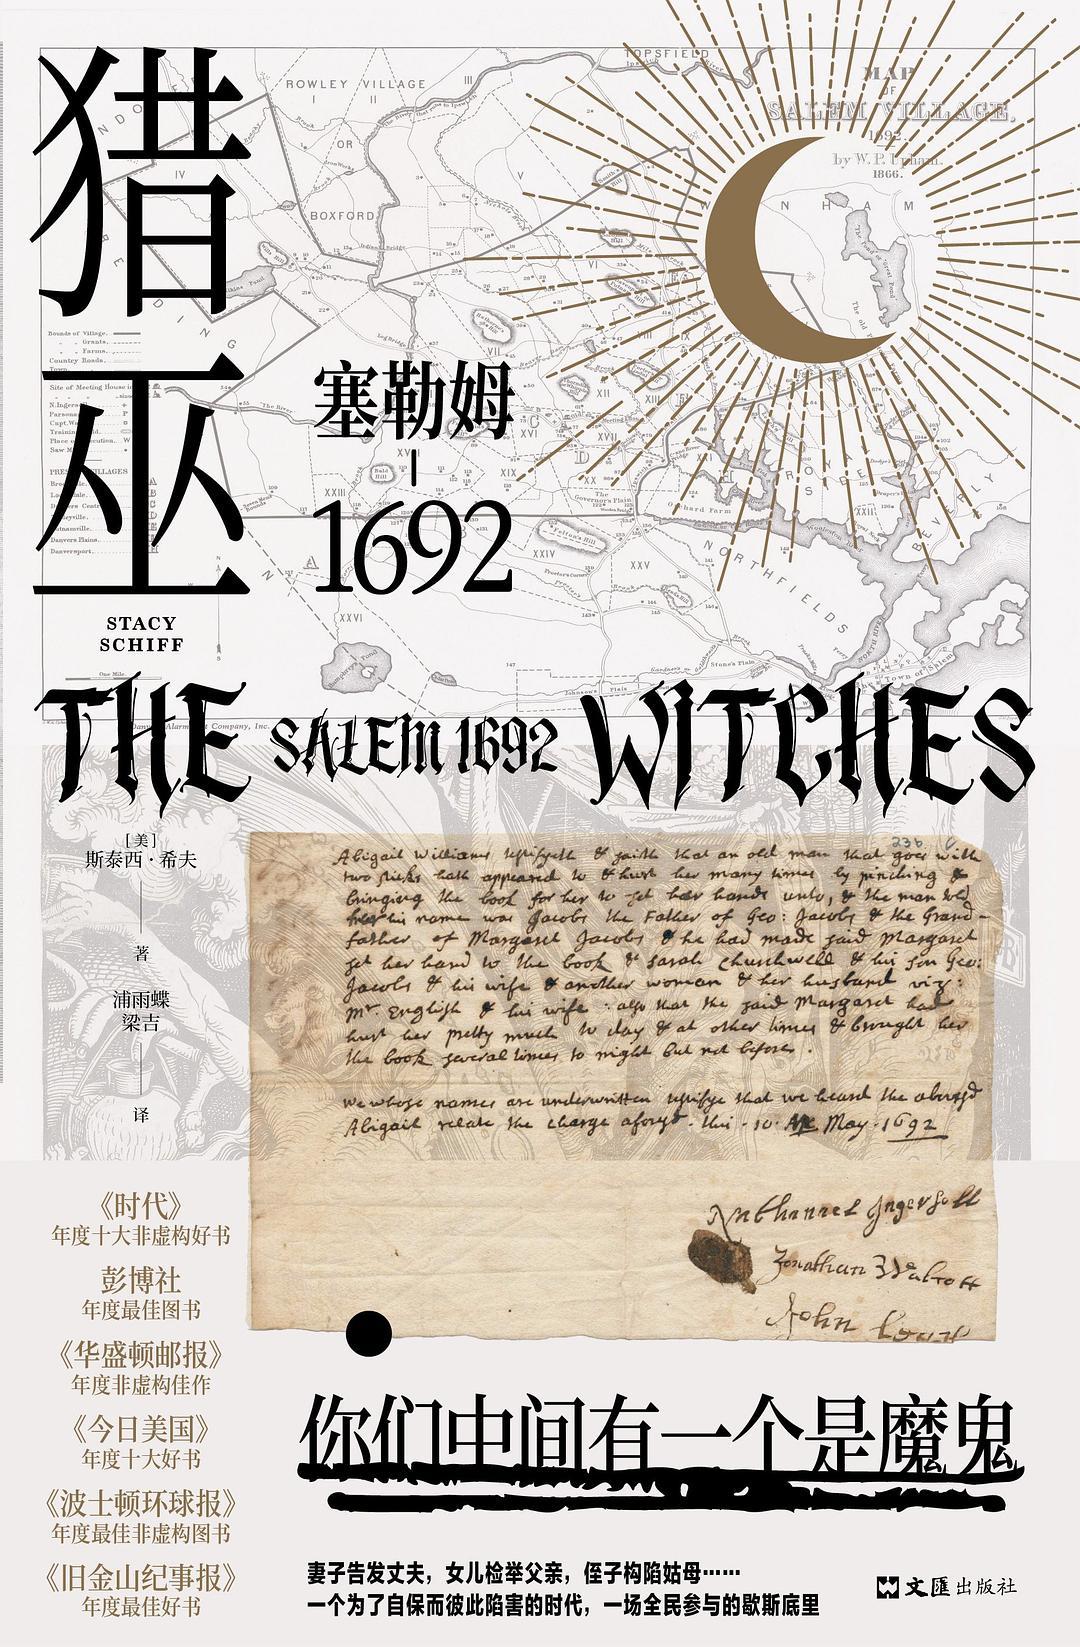 李公明︱一周书记:塞勒姆的猎巫运动……阴魂未散